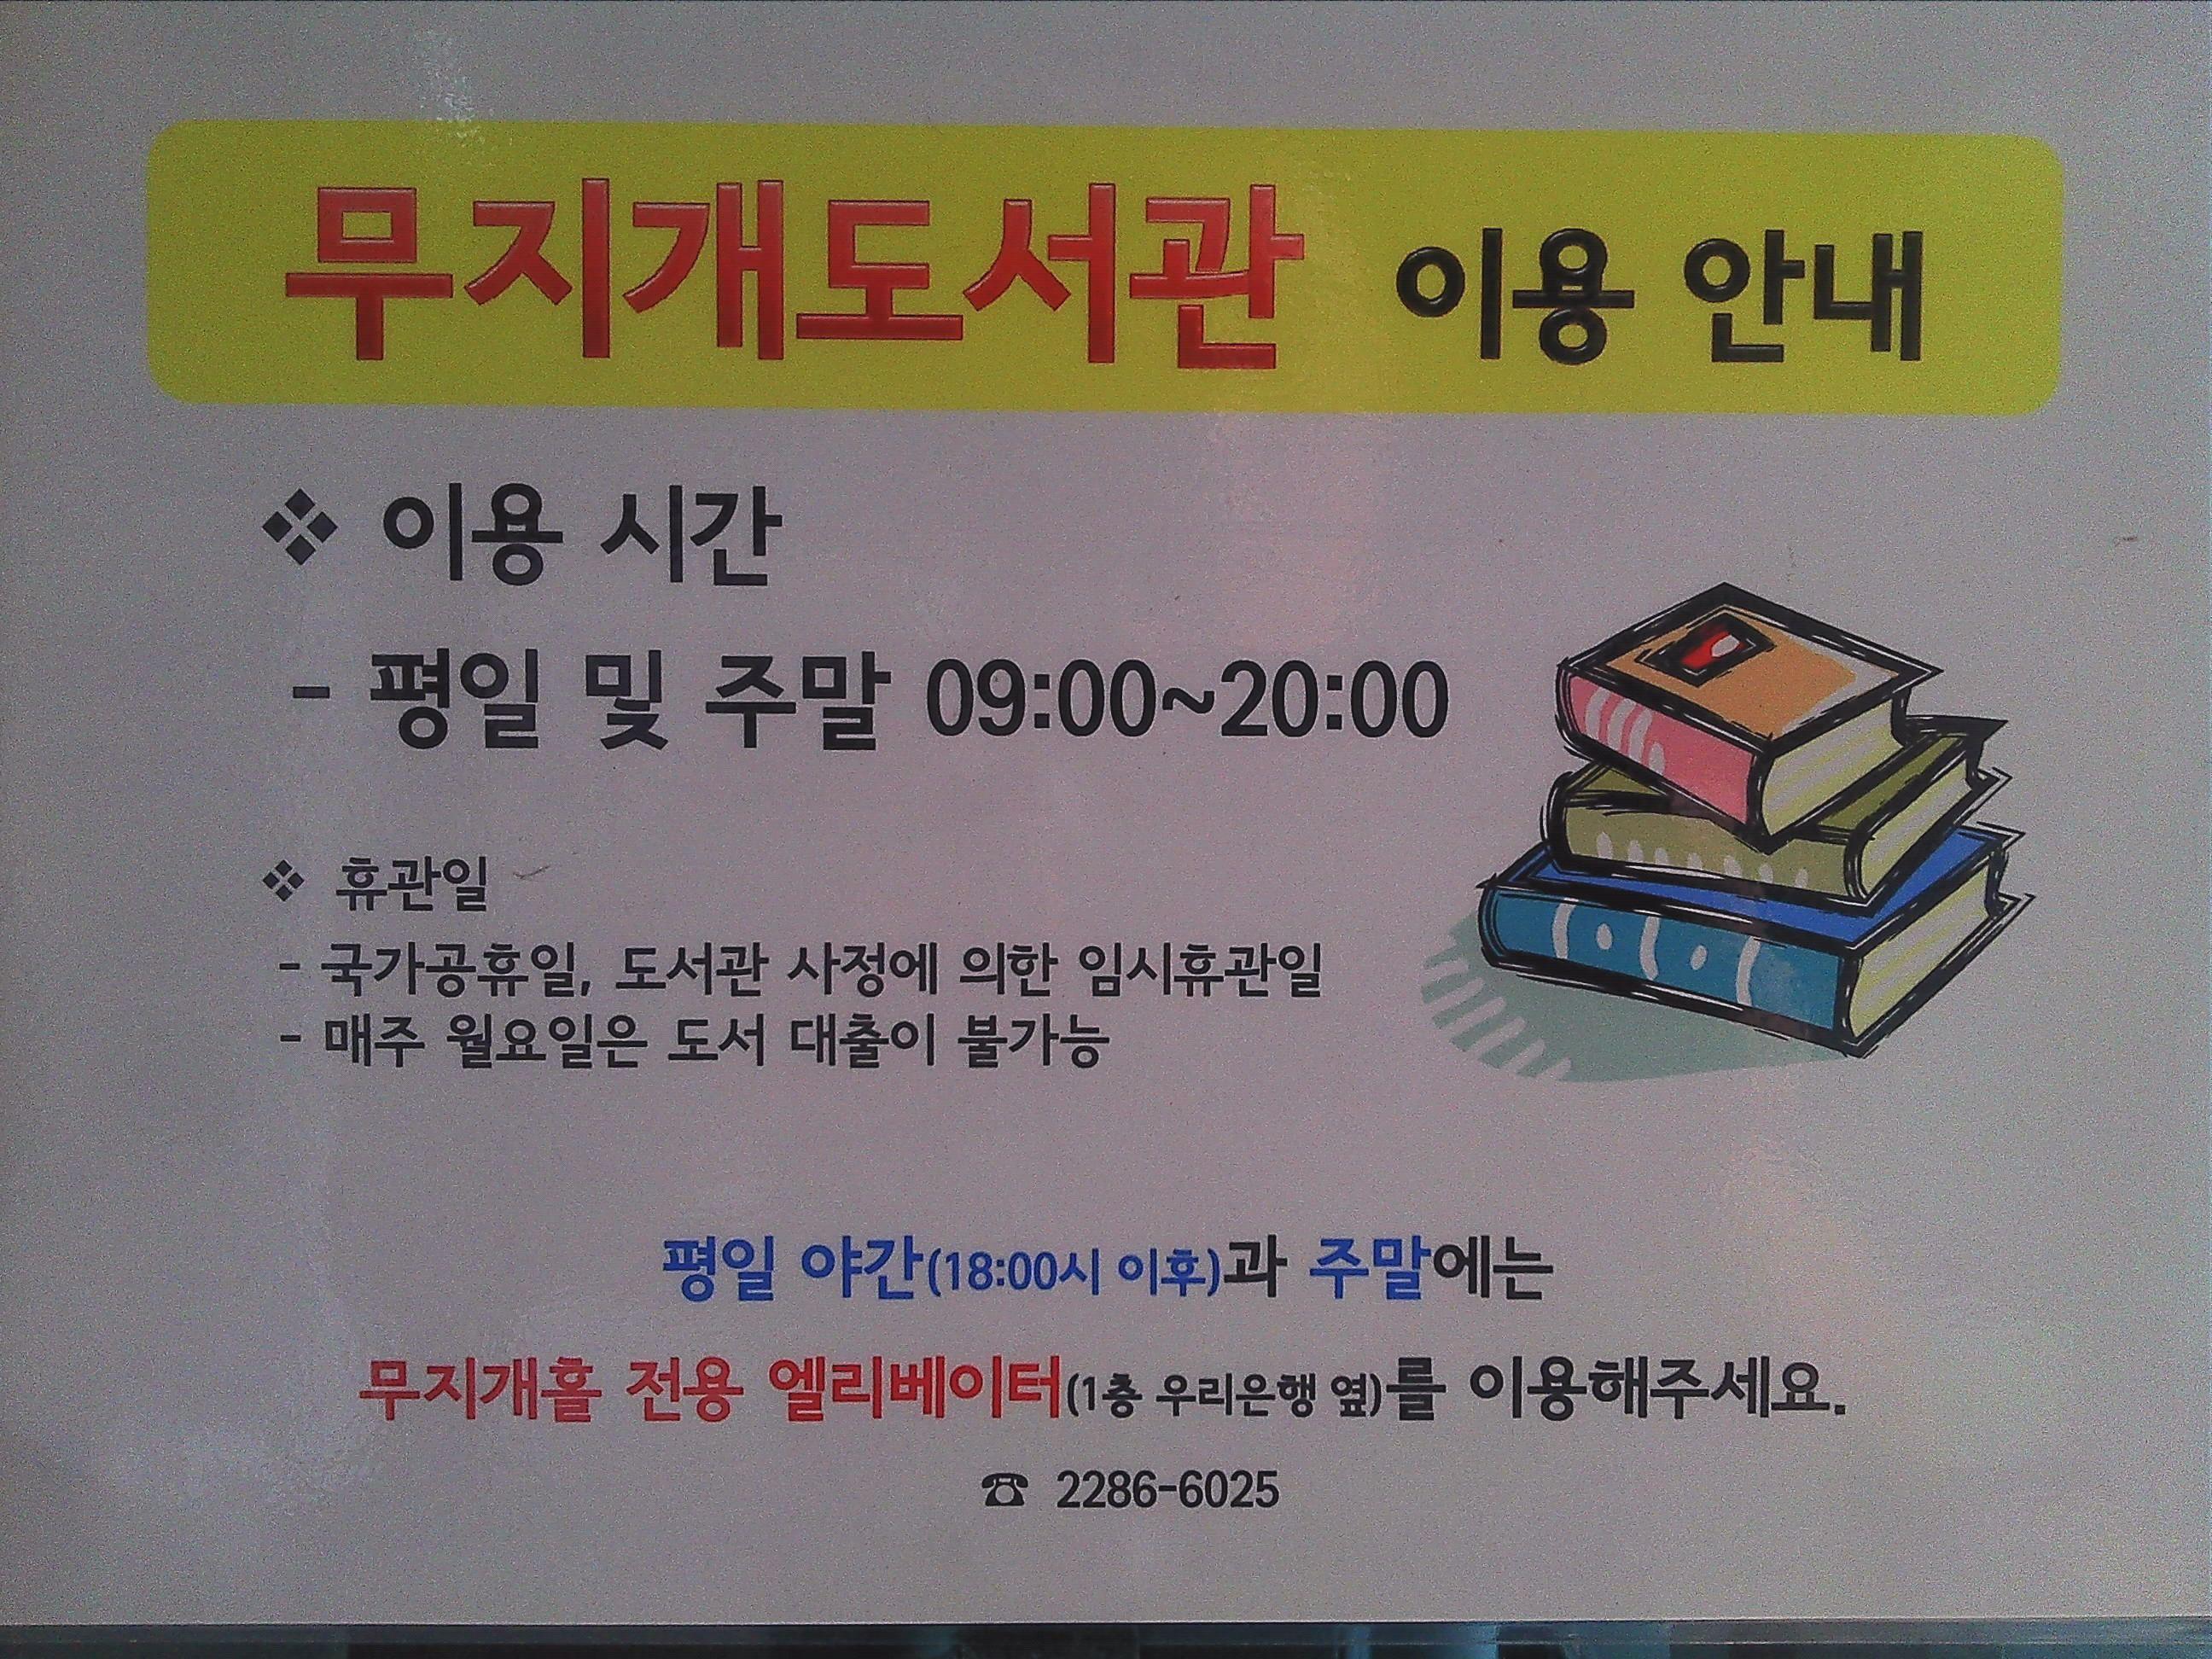 성동구립 무지개도서관   서울특별시 성동구 고산자로 270   +82 2-2286-6025